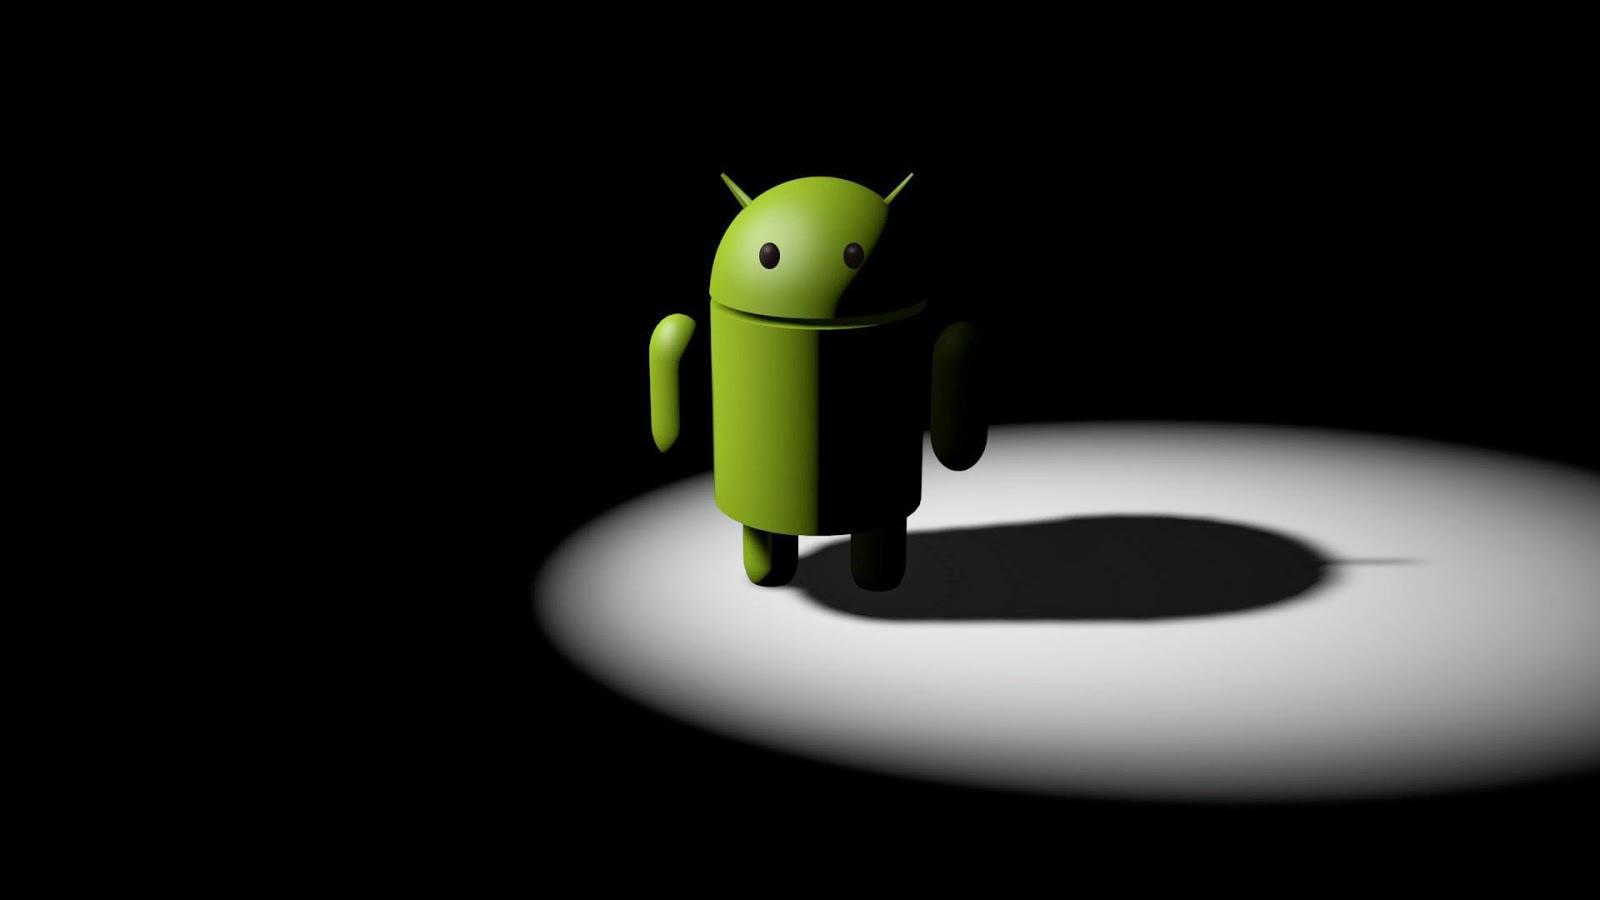 Mi samsung galaxy s3 fondos de pantalla android para pc - Fondos de pantalla hd para android anime ...